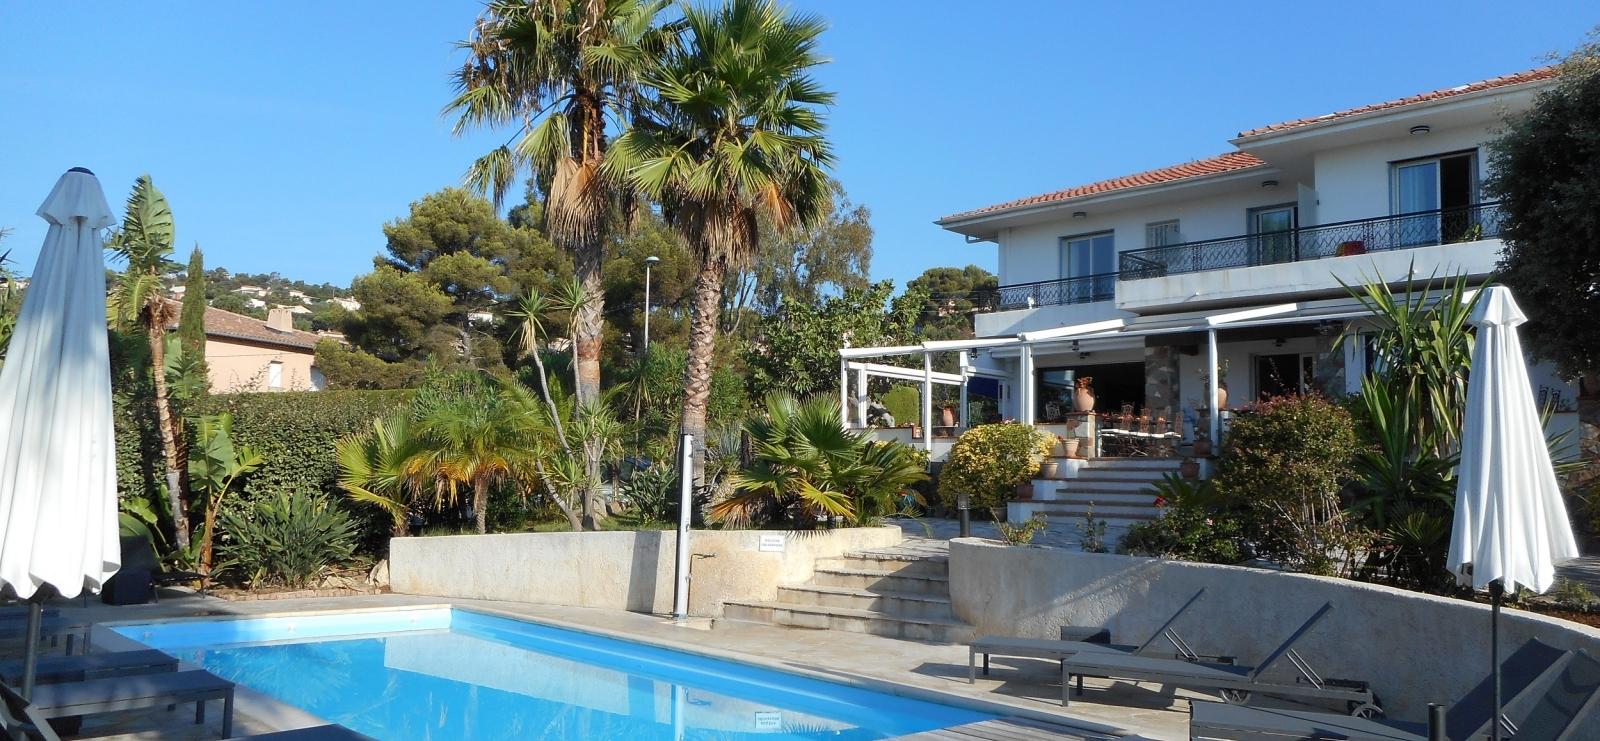 Hôtel la Quiétude - exterieur A piscine